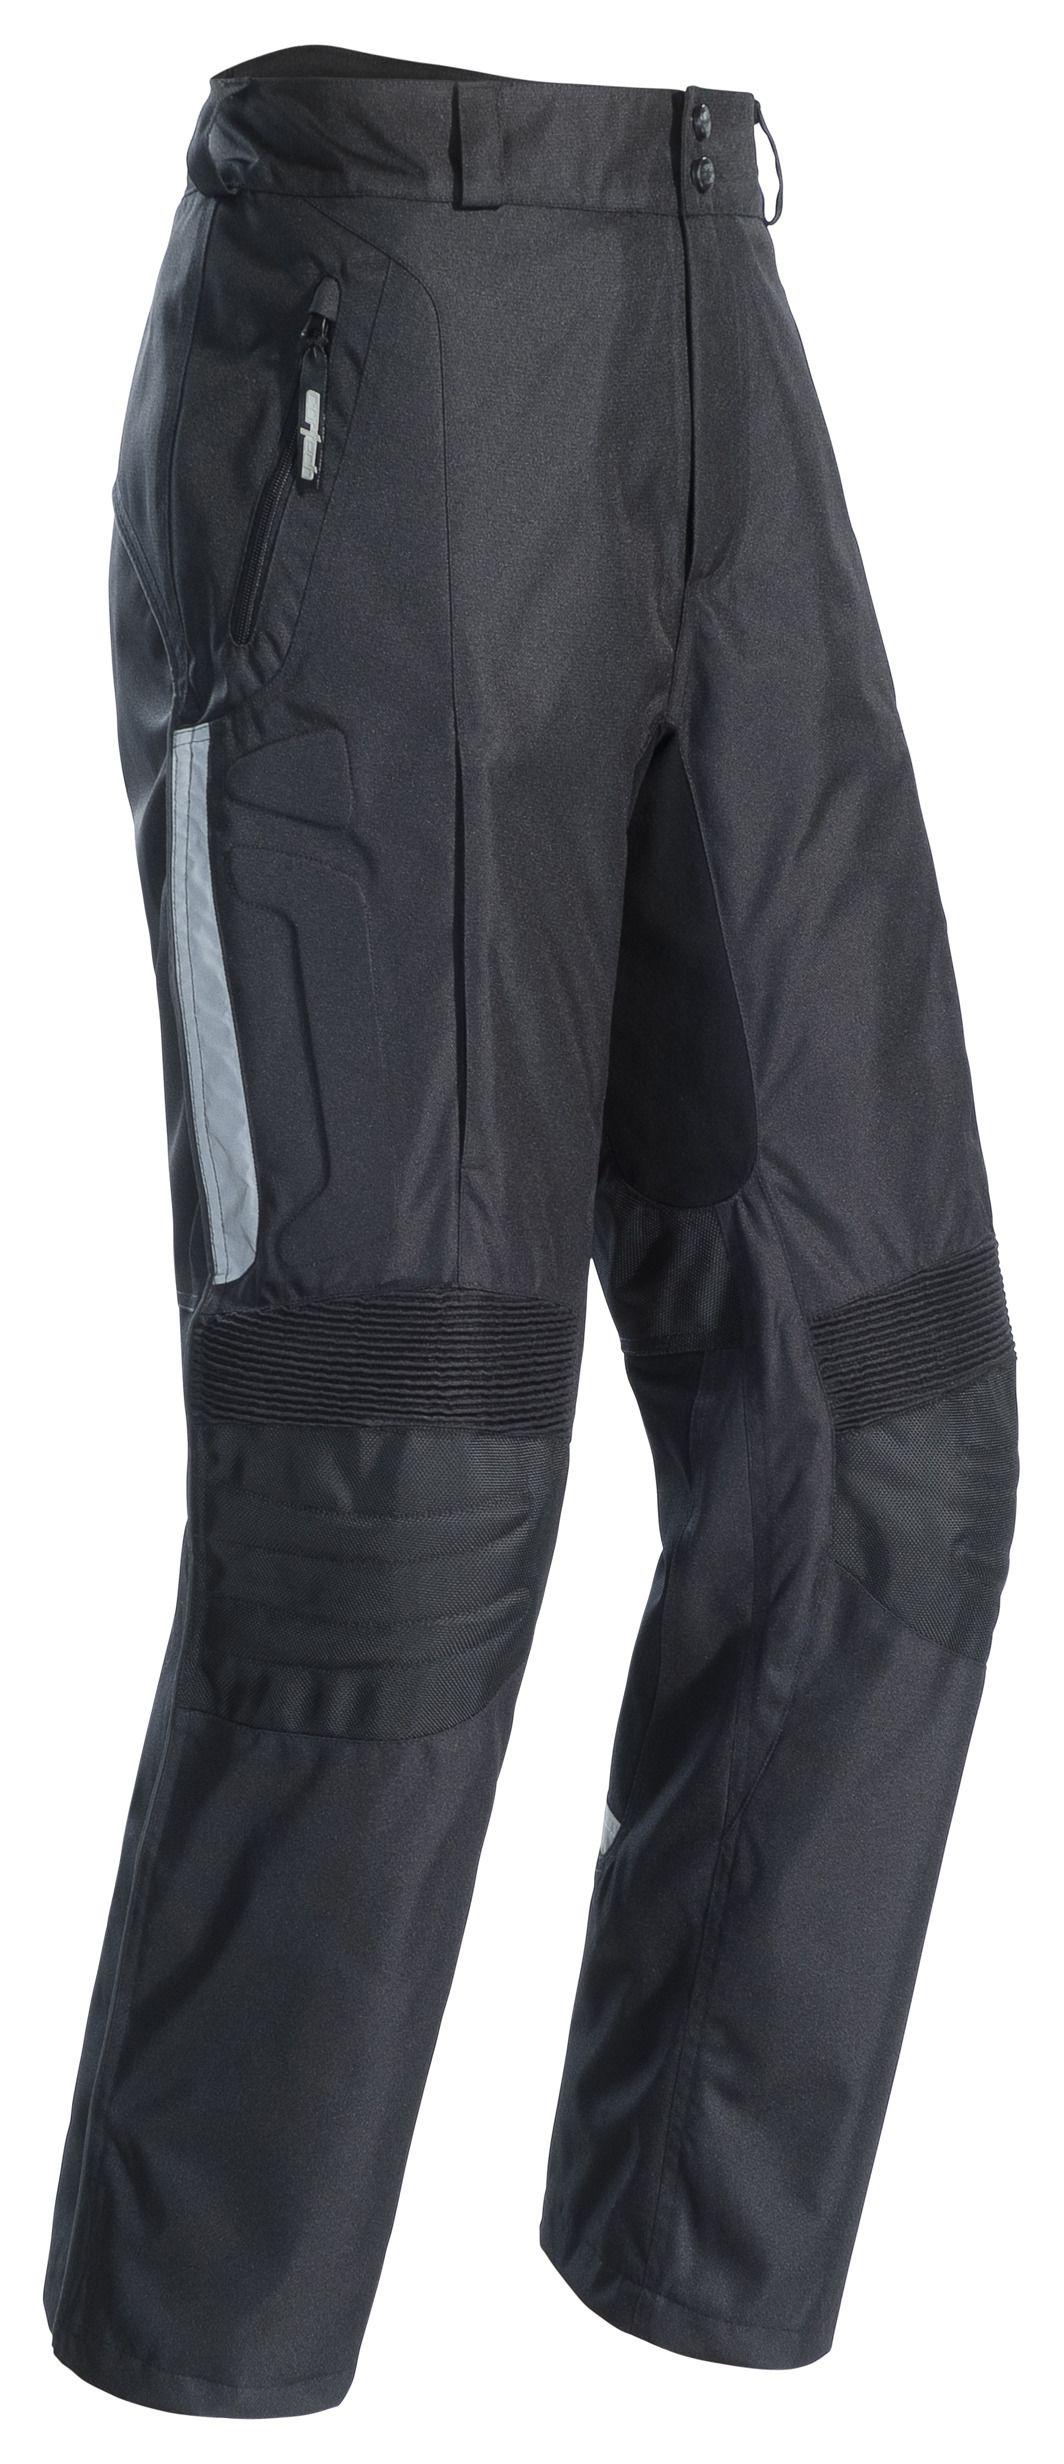 Full Face Cruiser Helmets >> Cortech GX Sport Pants (Size XL Tall Only) | 30% ($39.00 ...